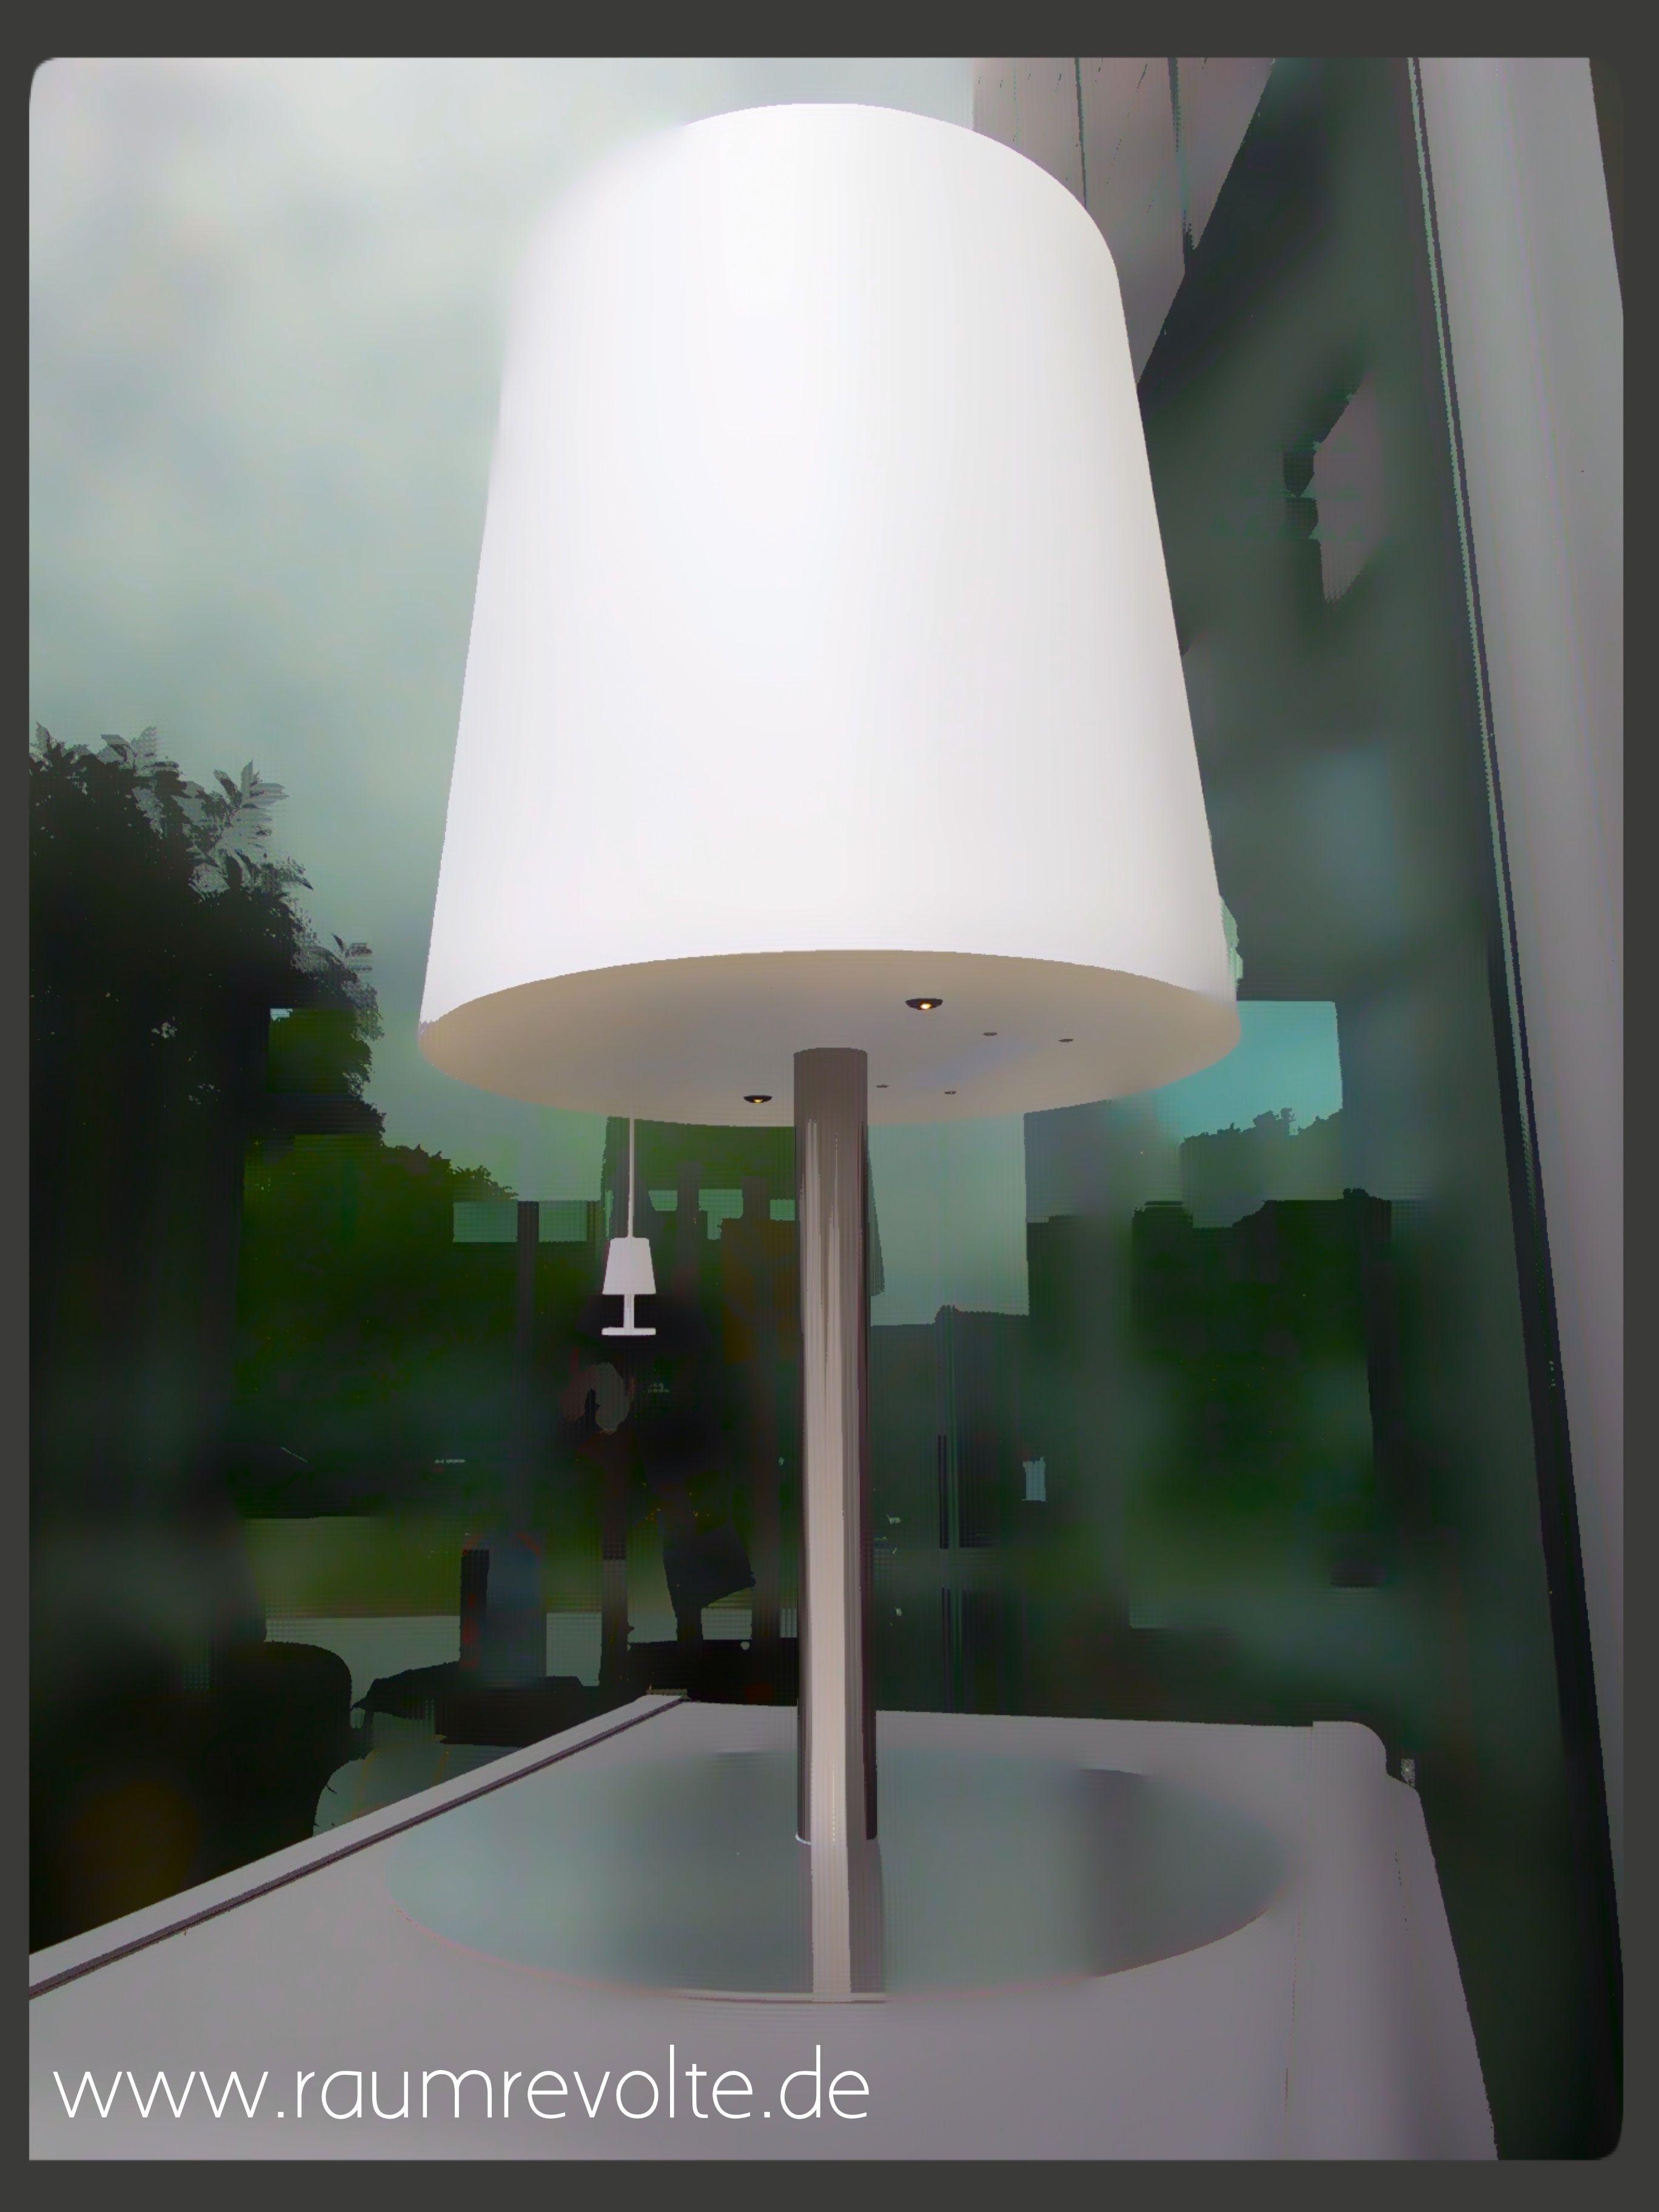 GACOLI Solar LED Tischleuchte Checkmate 2, Warmweiß, Outdoor